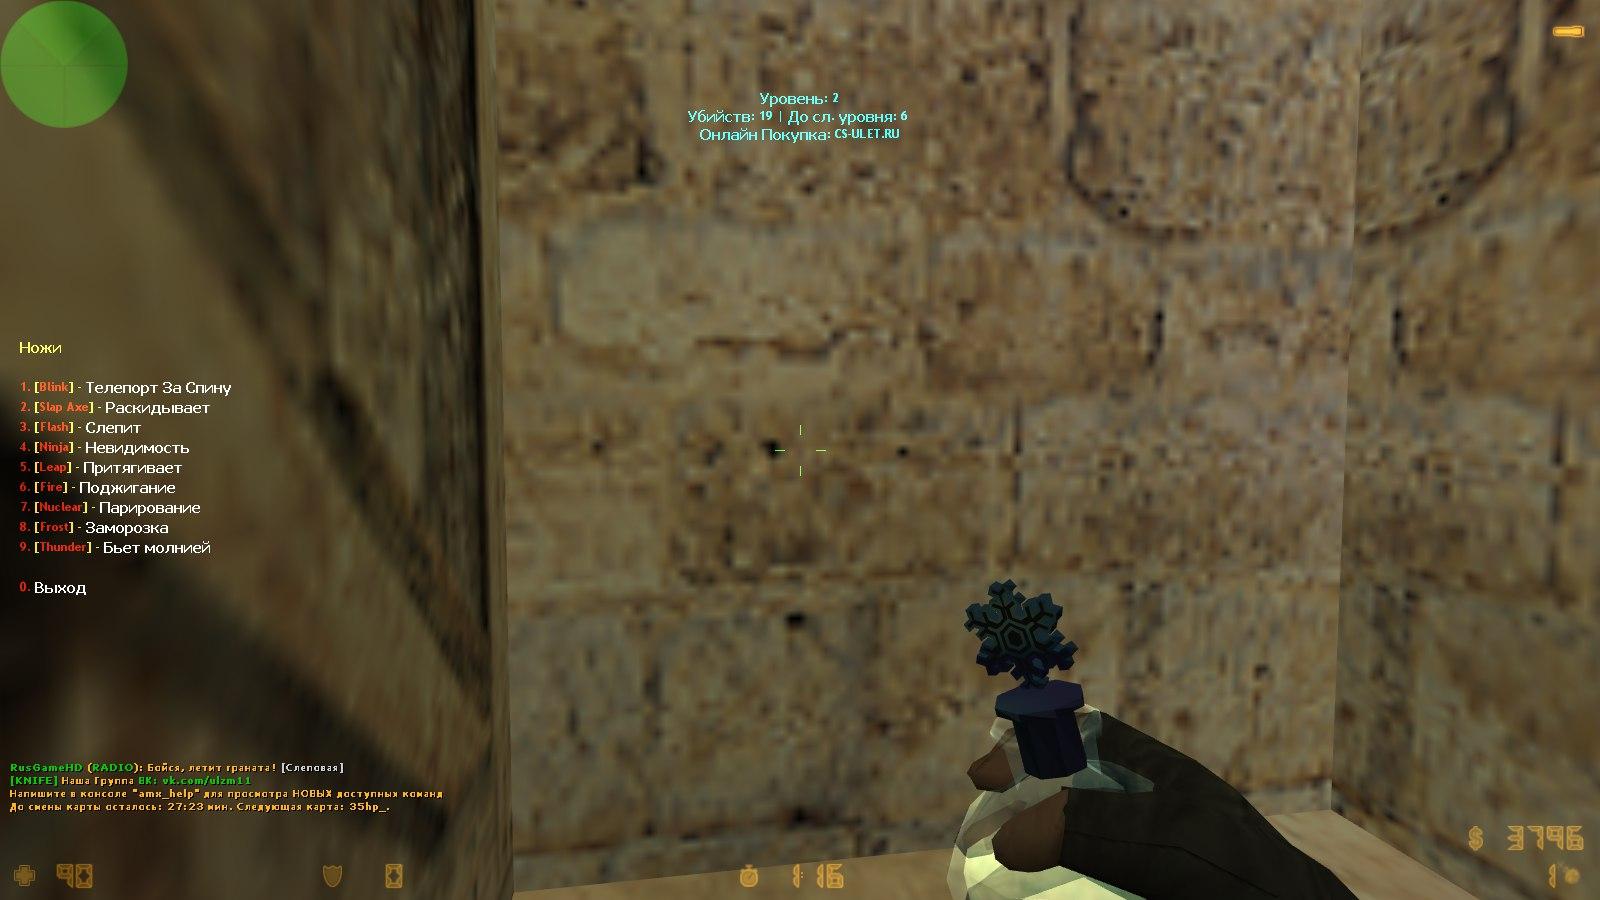 [CS-ULET.RU] Улетный KNIFE + Исходники